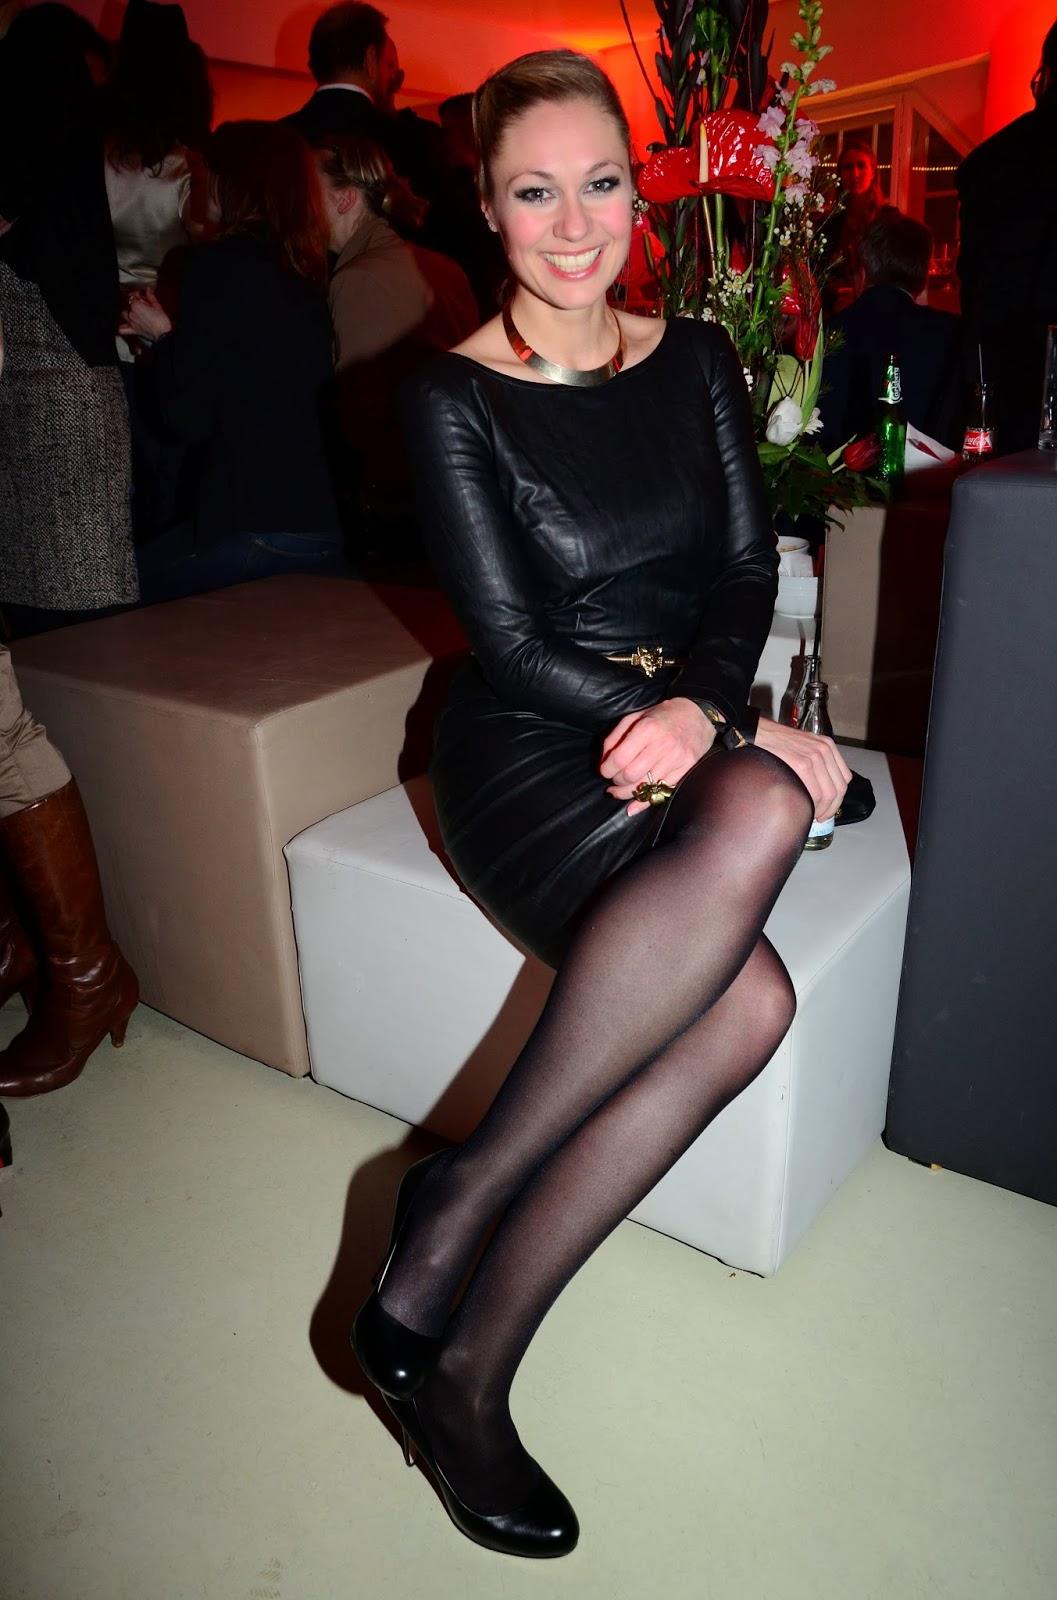 Ruth moschner nylon